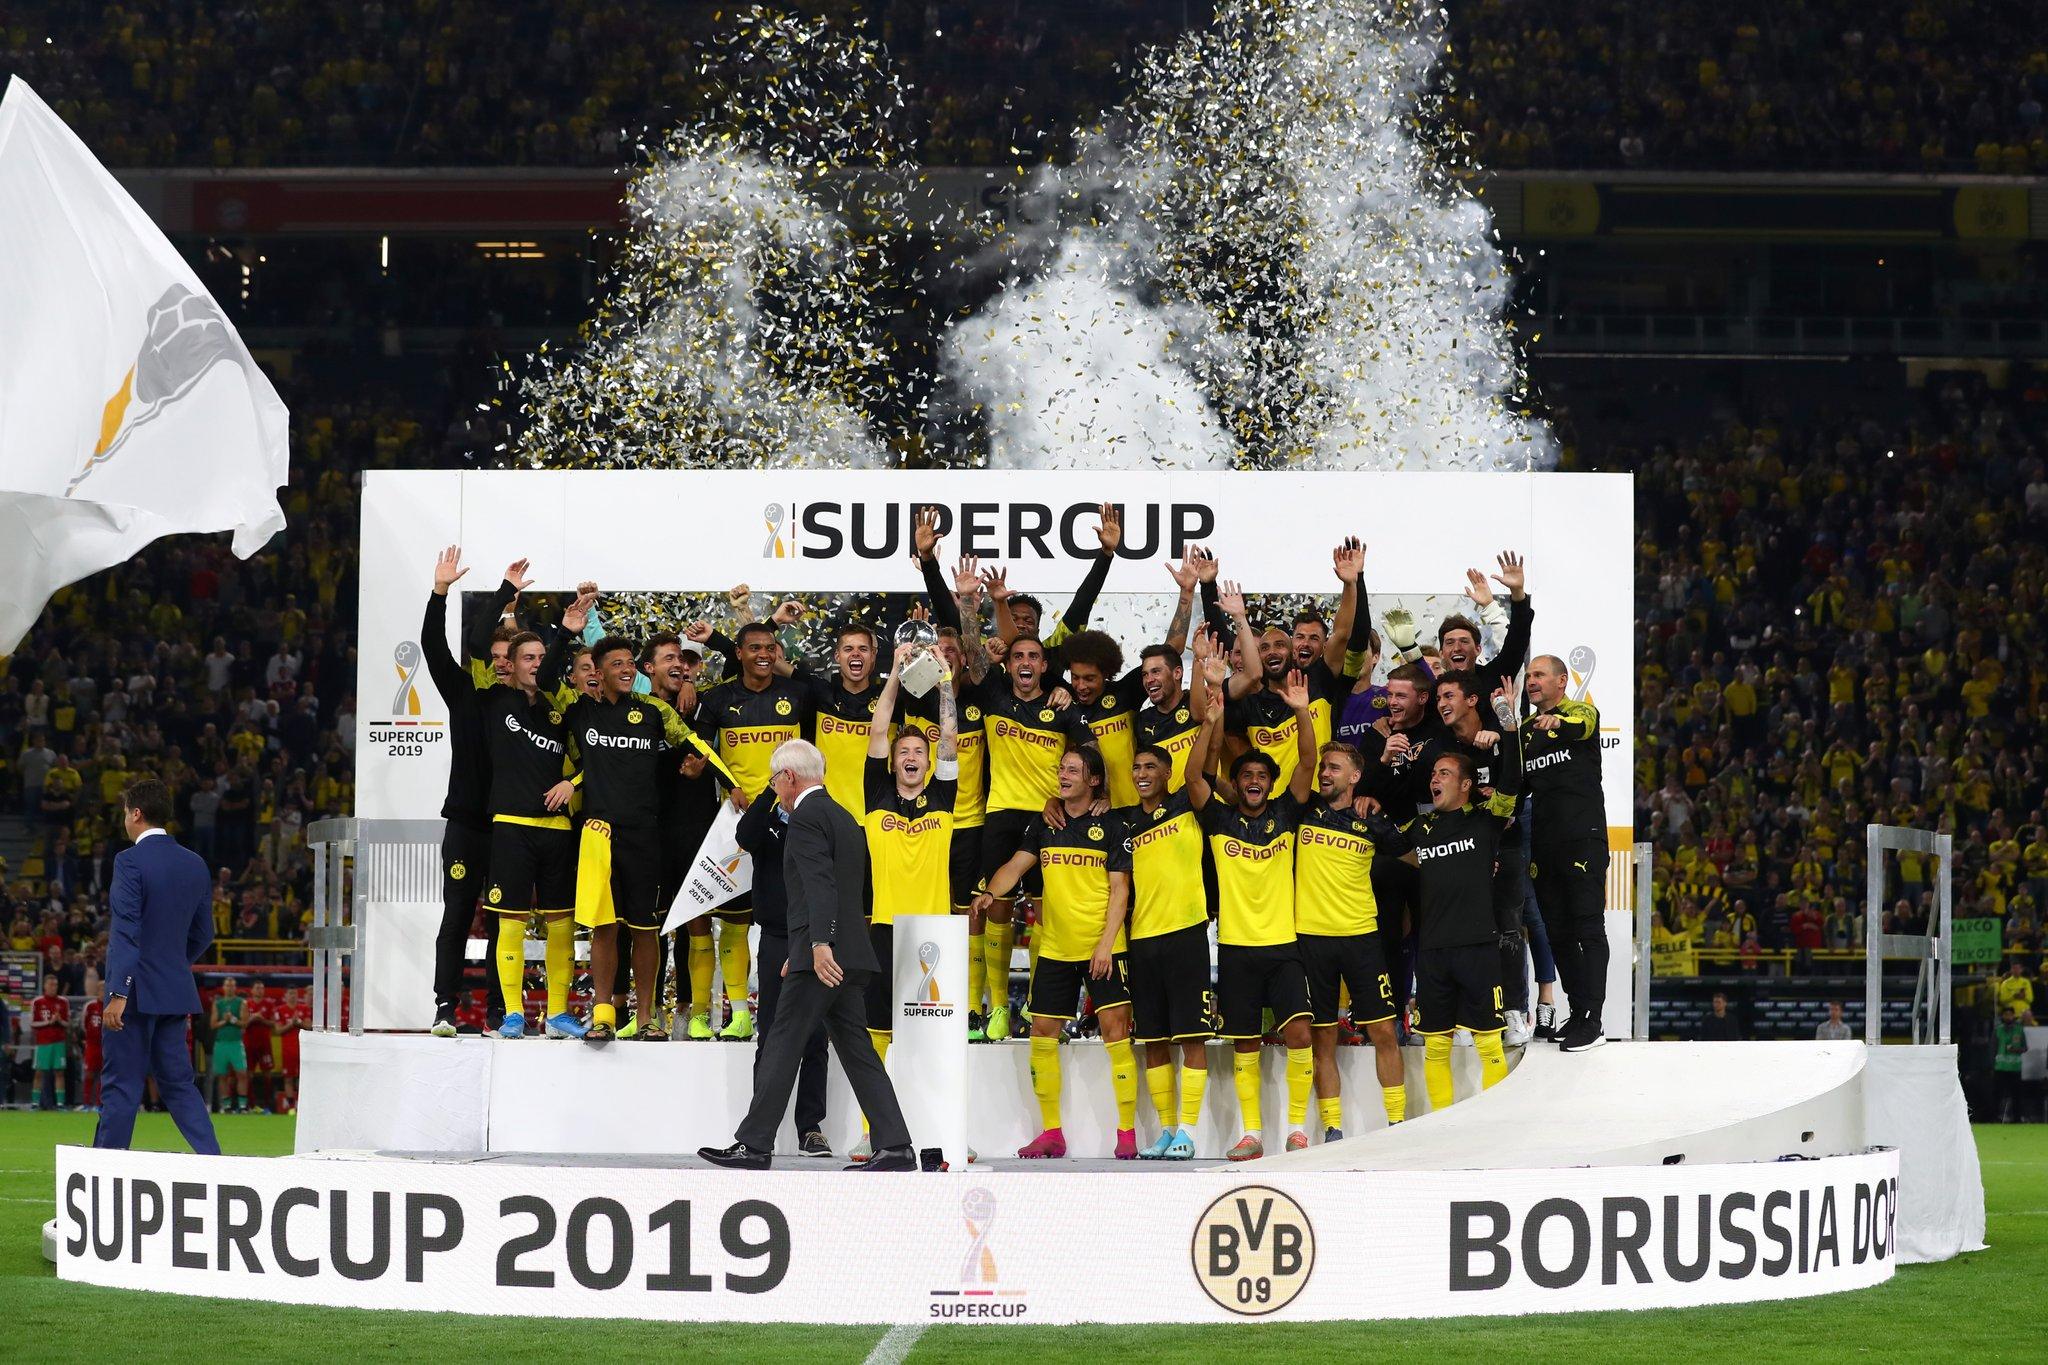 平分秋色!多特与拜仁在7年中各3次赢得德超杯冠军